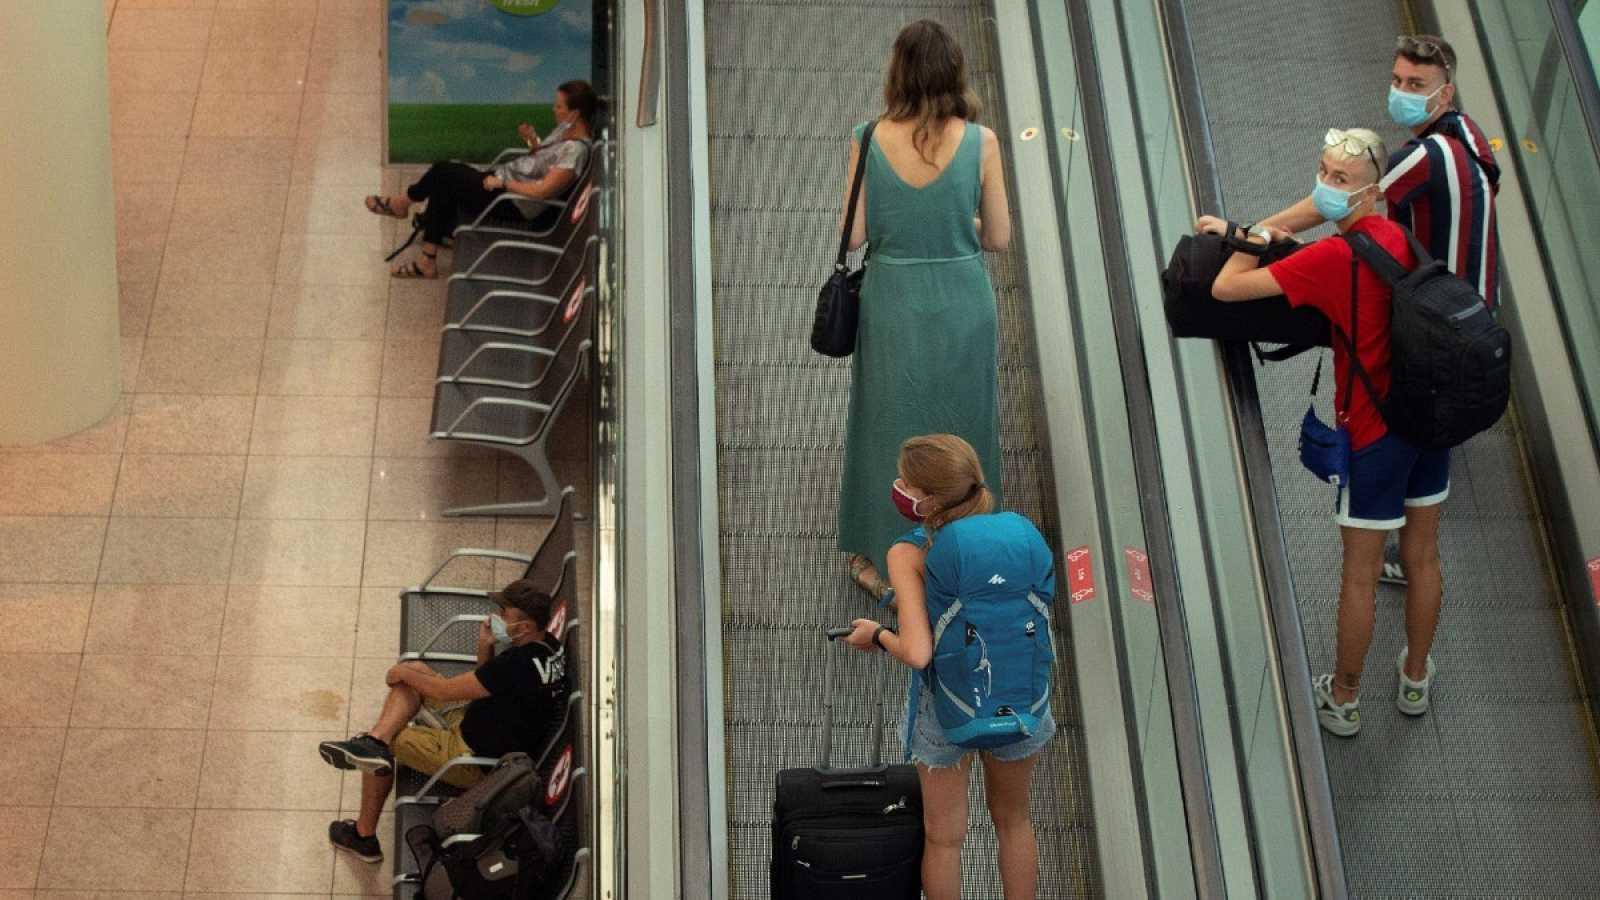 Viajeros con máscaras sanitarias caminan este miércoles por la Terminal 1 del aeropuerto Josep Tarradelles - El Prat, en Barcelona.